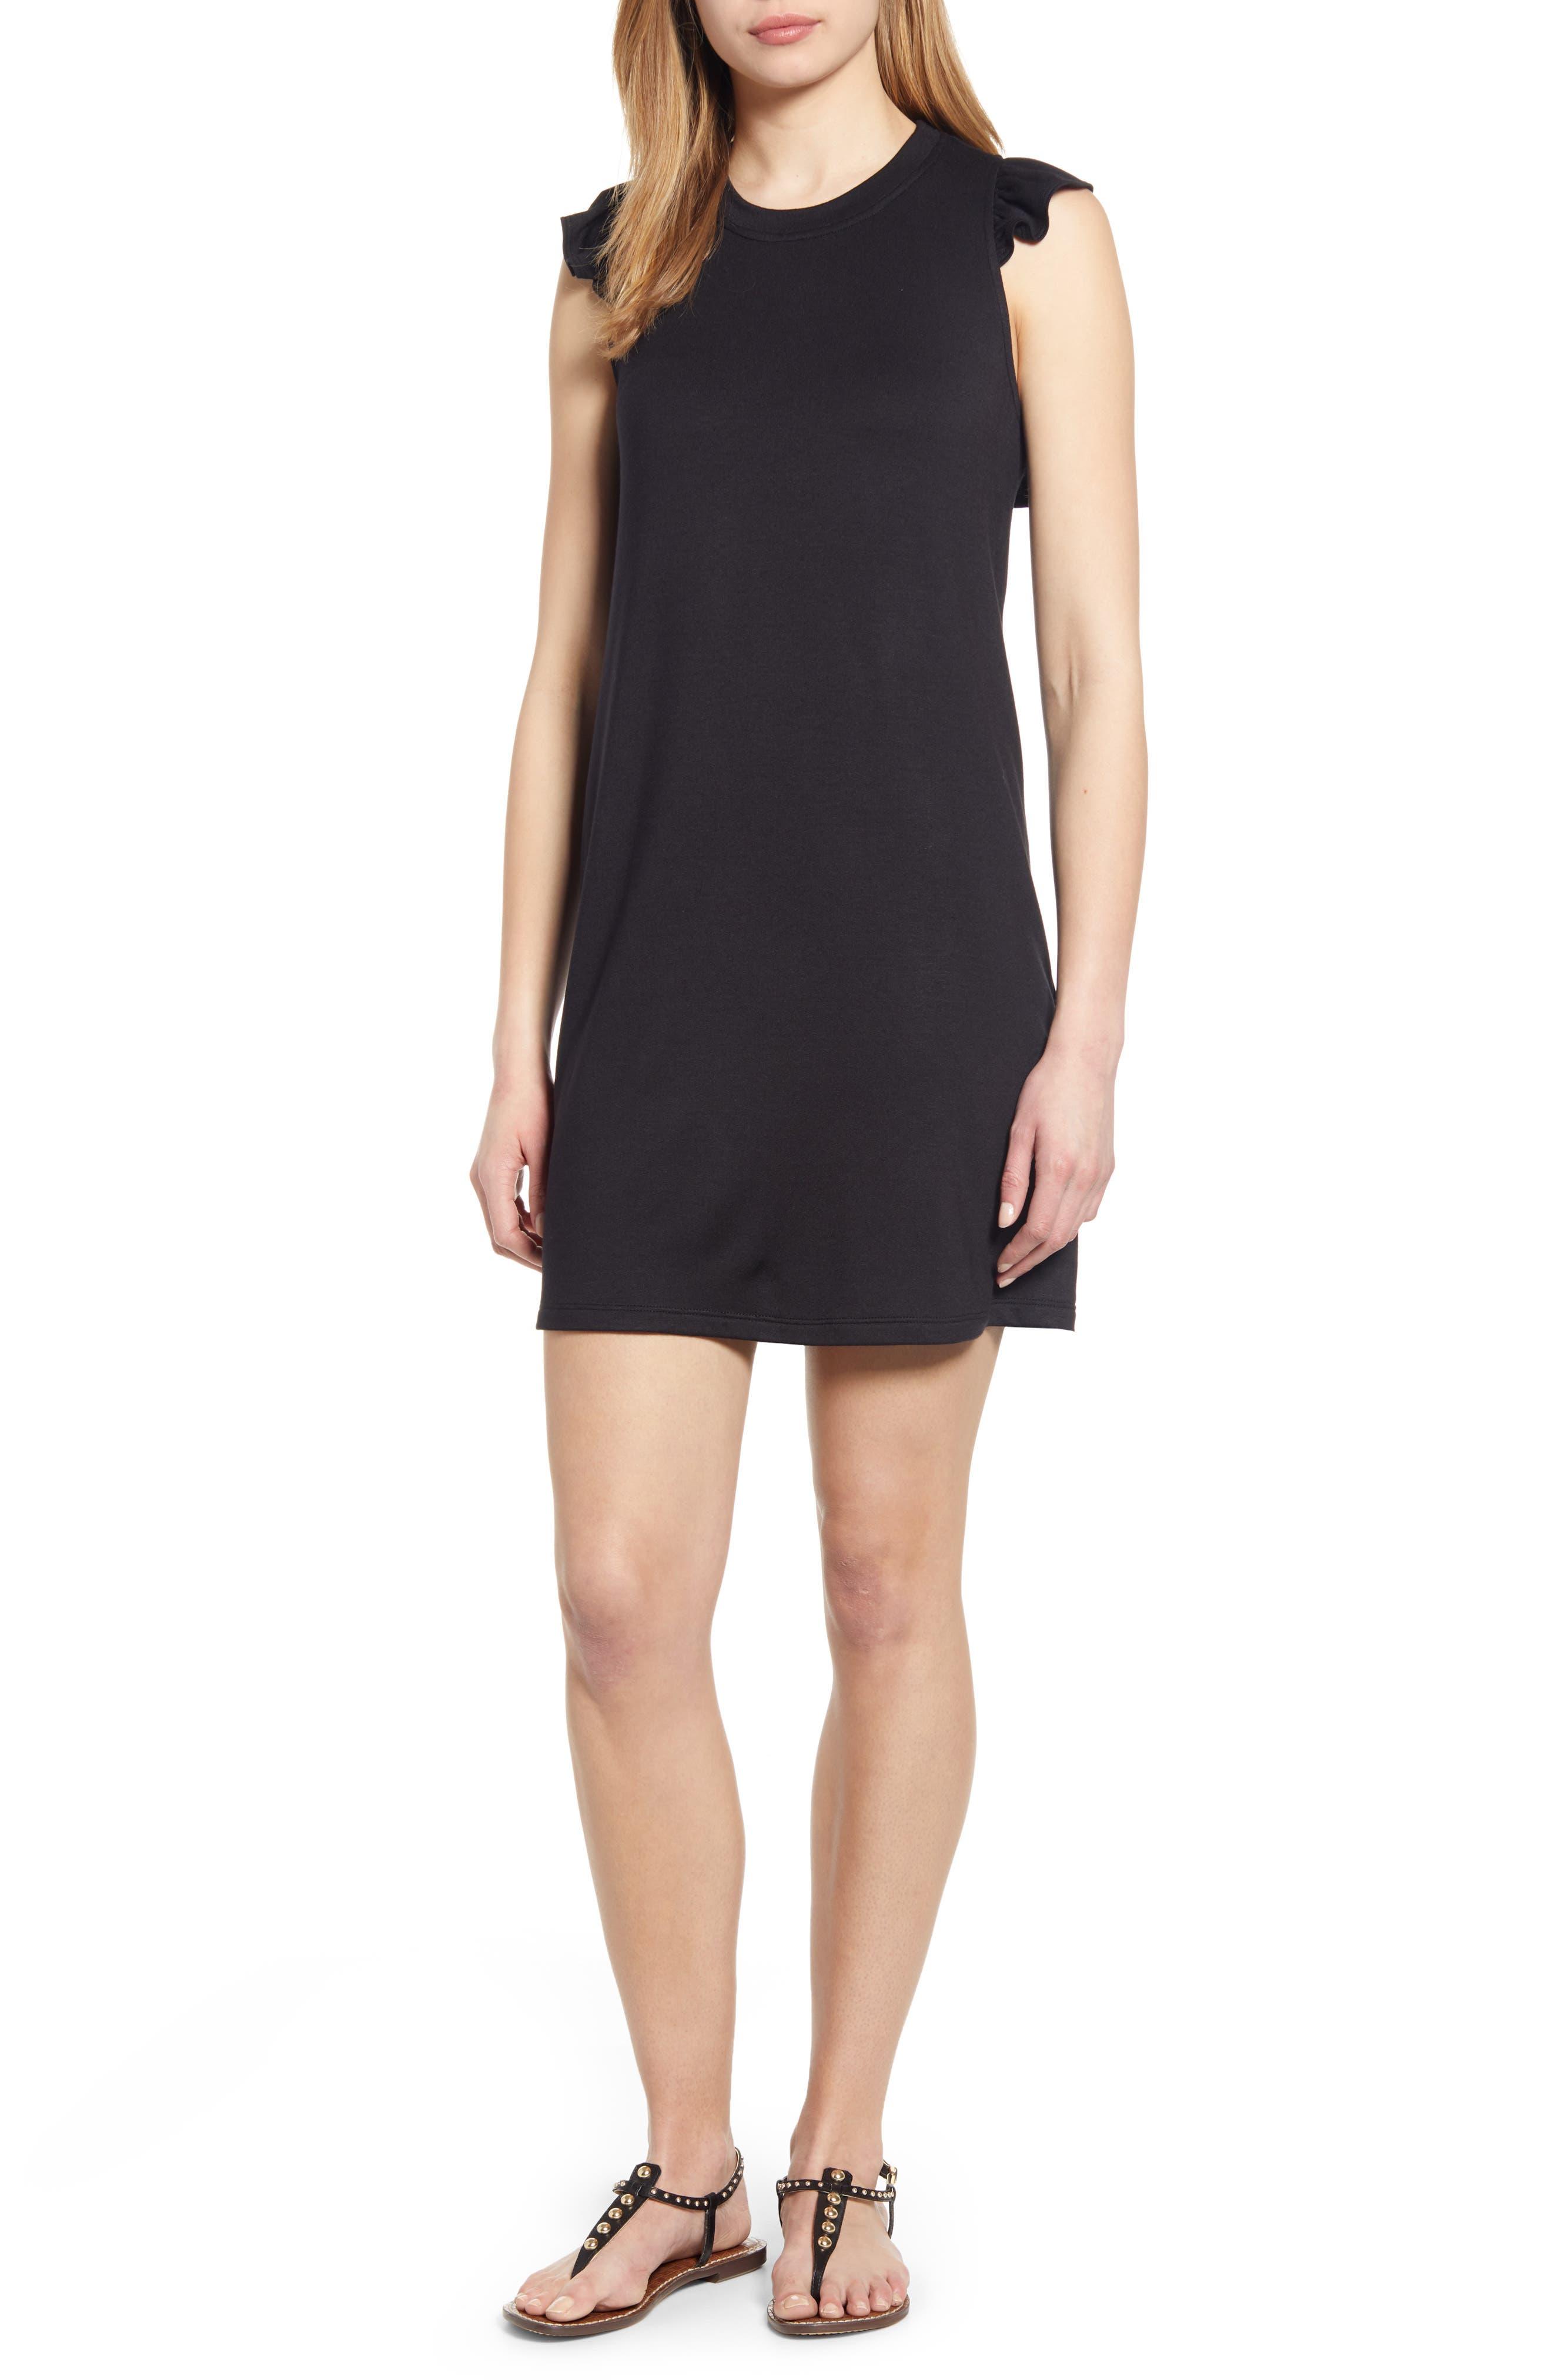 GIBSON x Hi Sugarplum! Laguna Soft Jersey Ruffle Back T-Shirt Dress, Main, color, BLACK